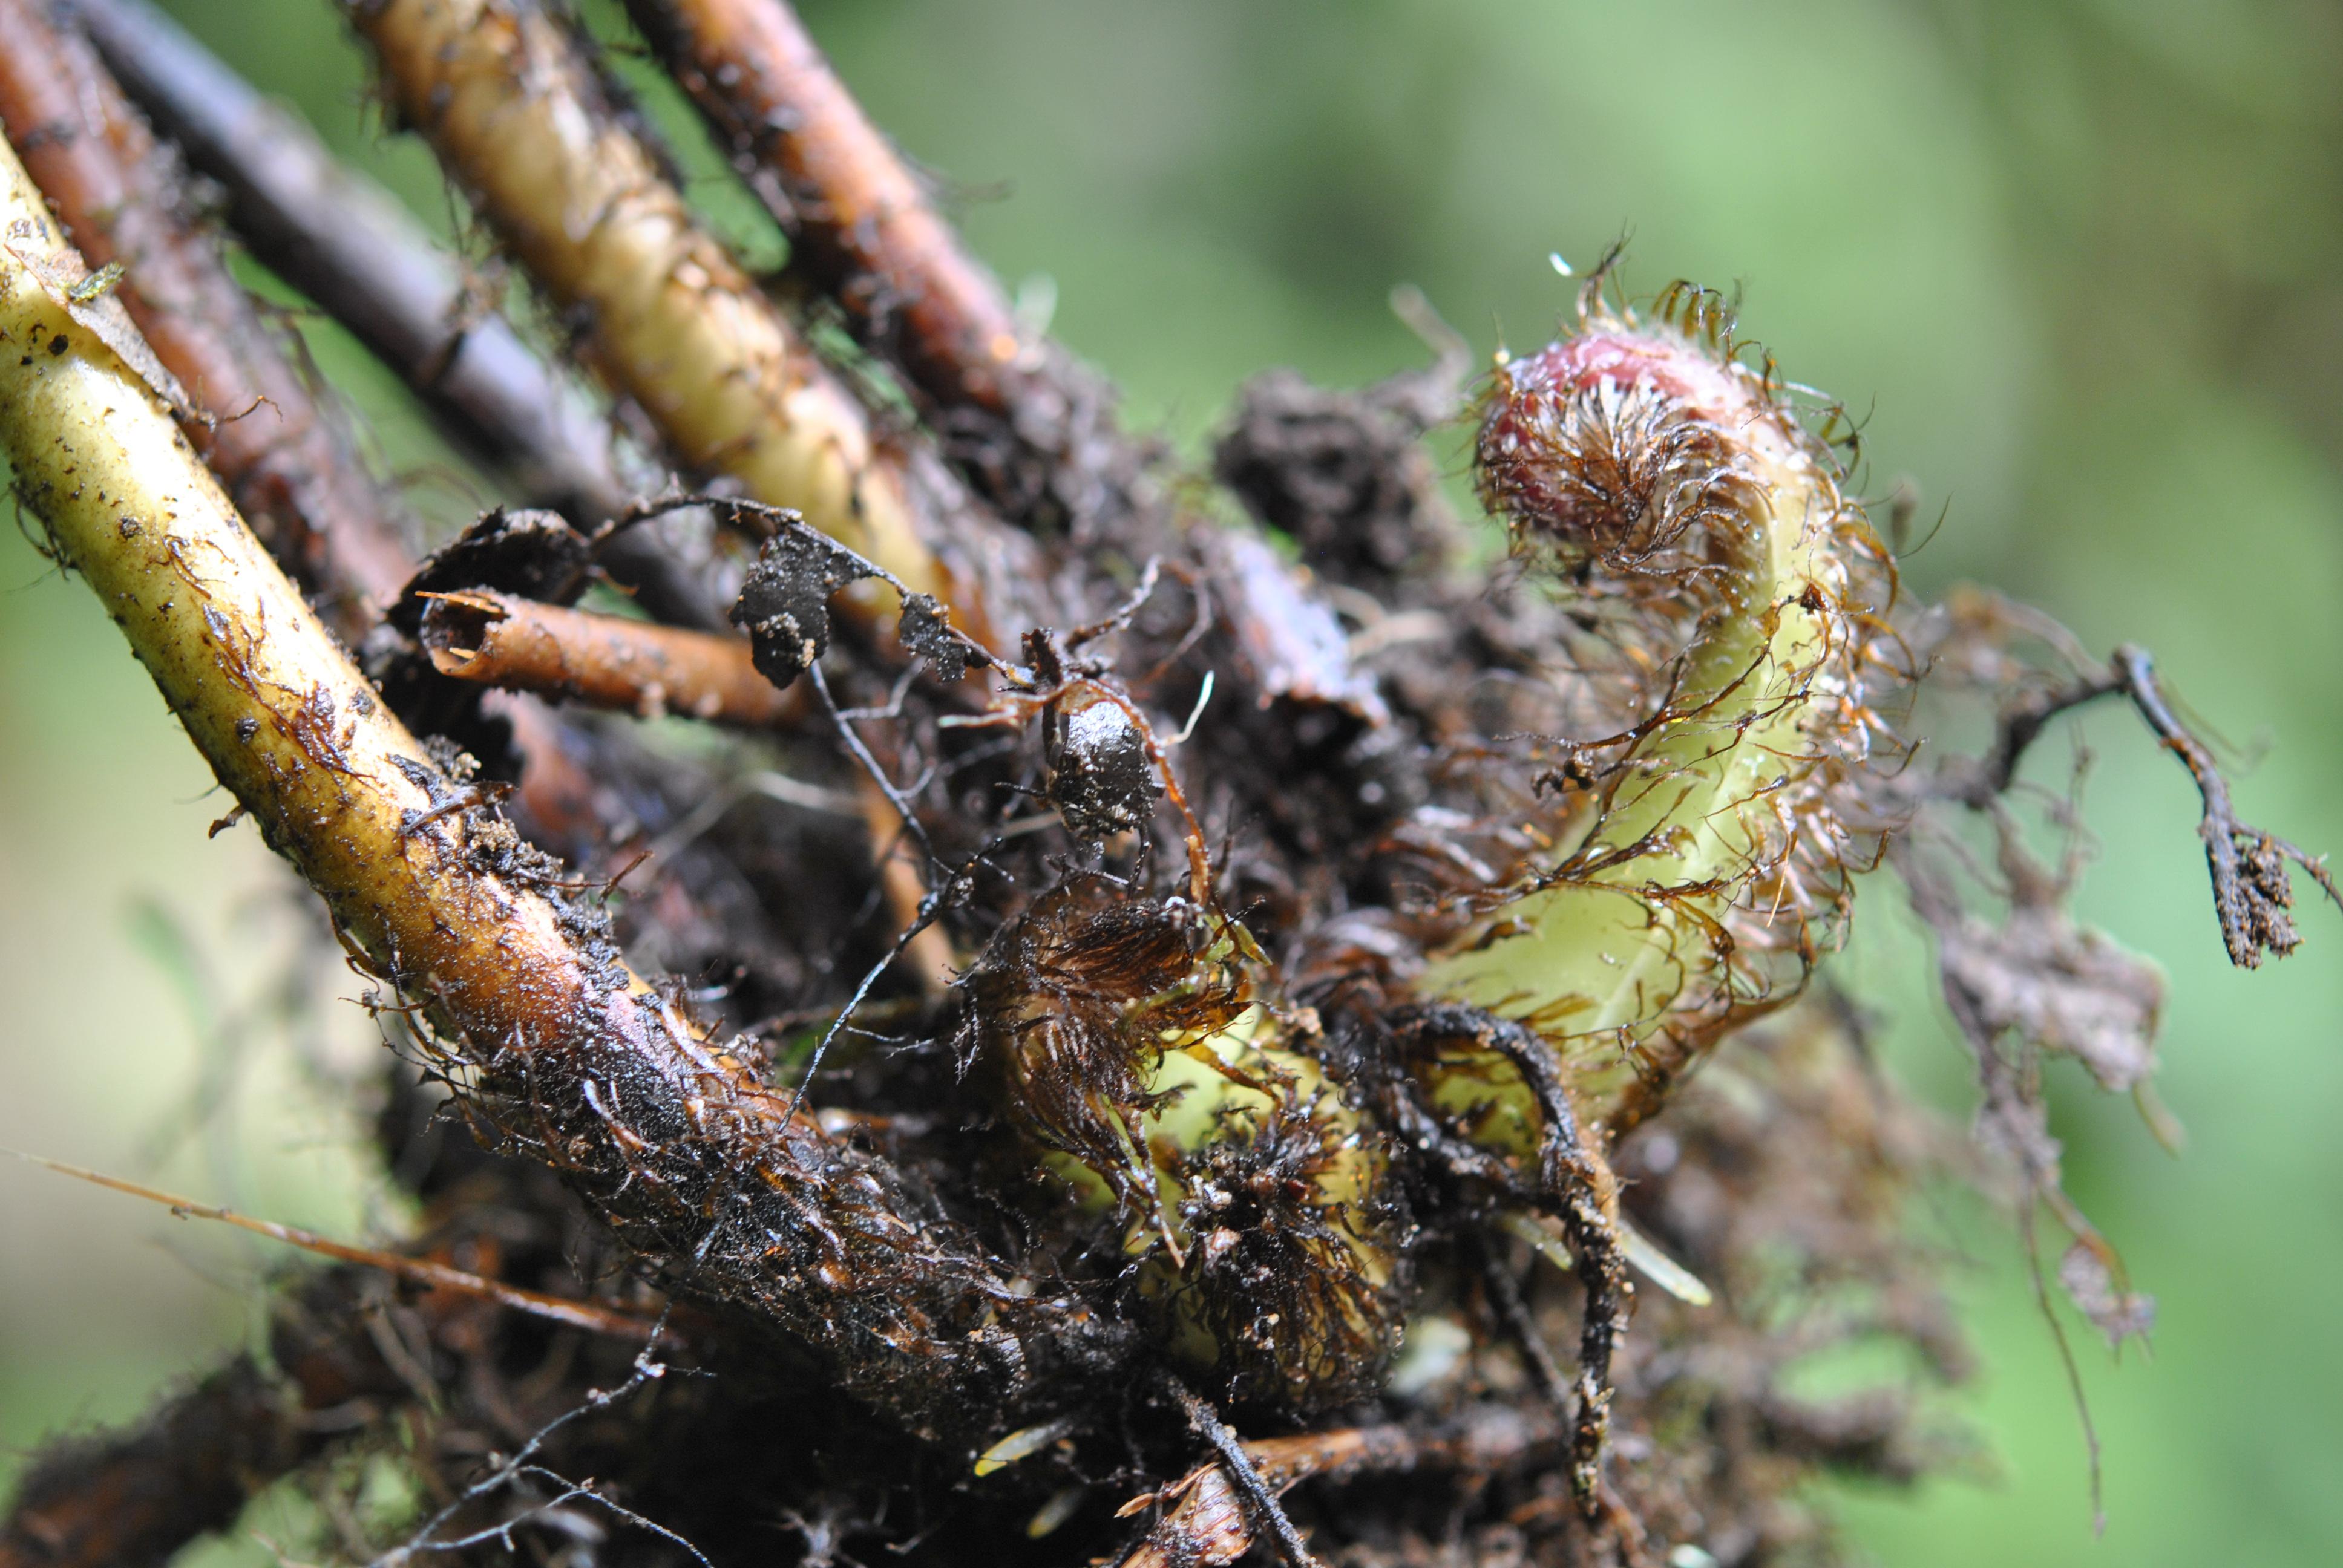 Macrothelypteris torresiana